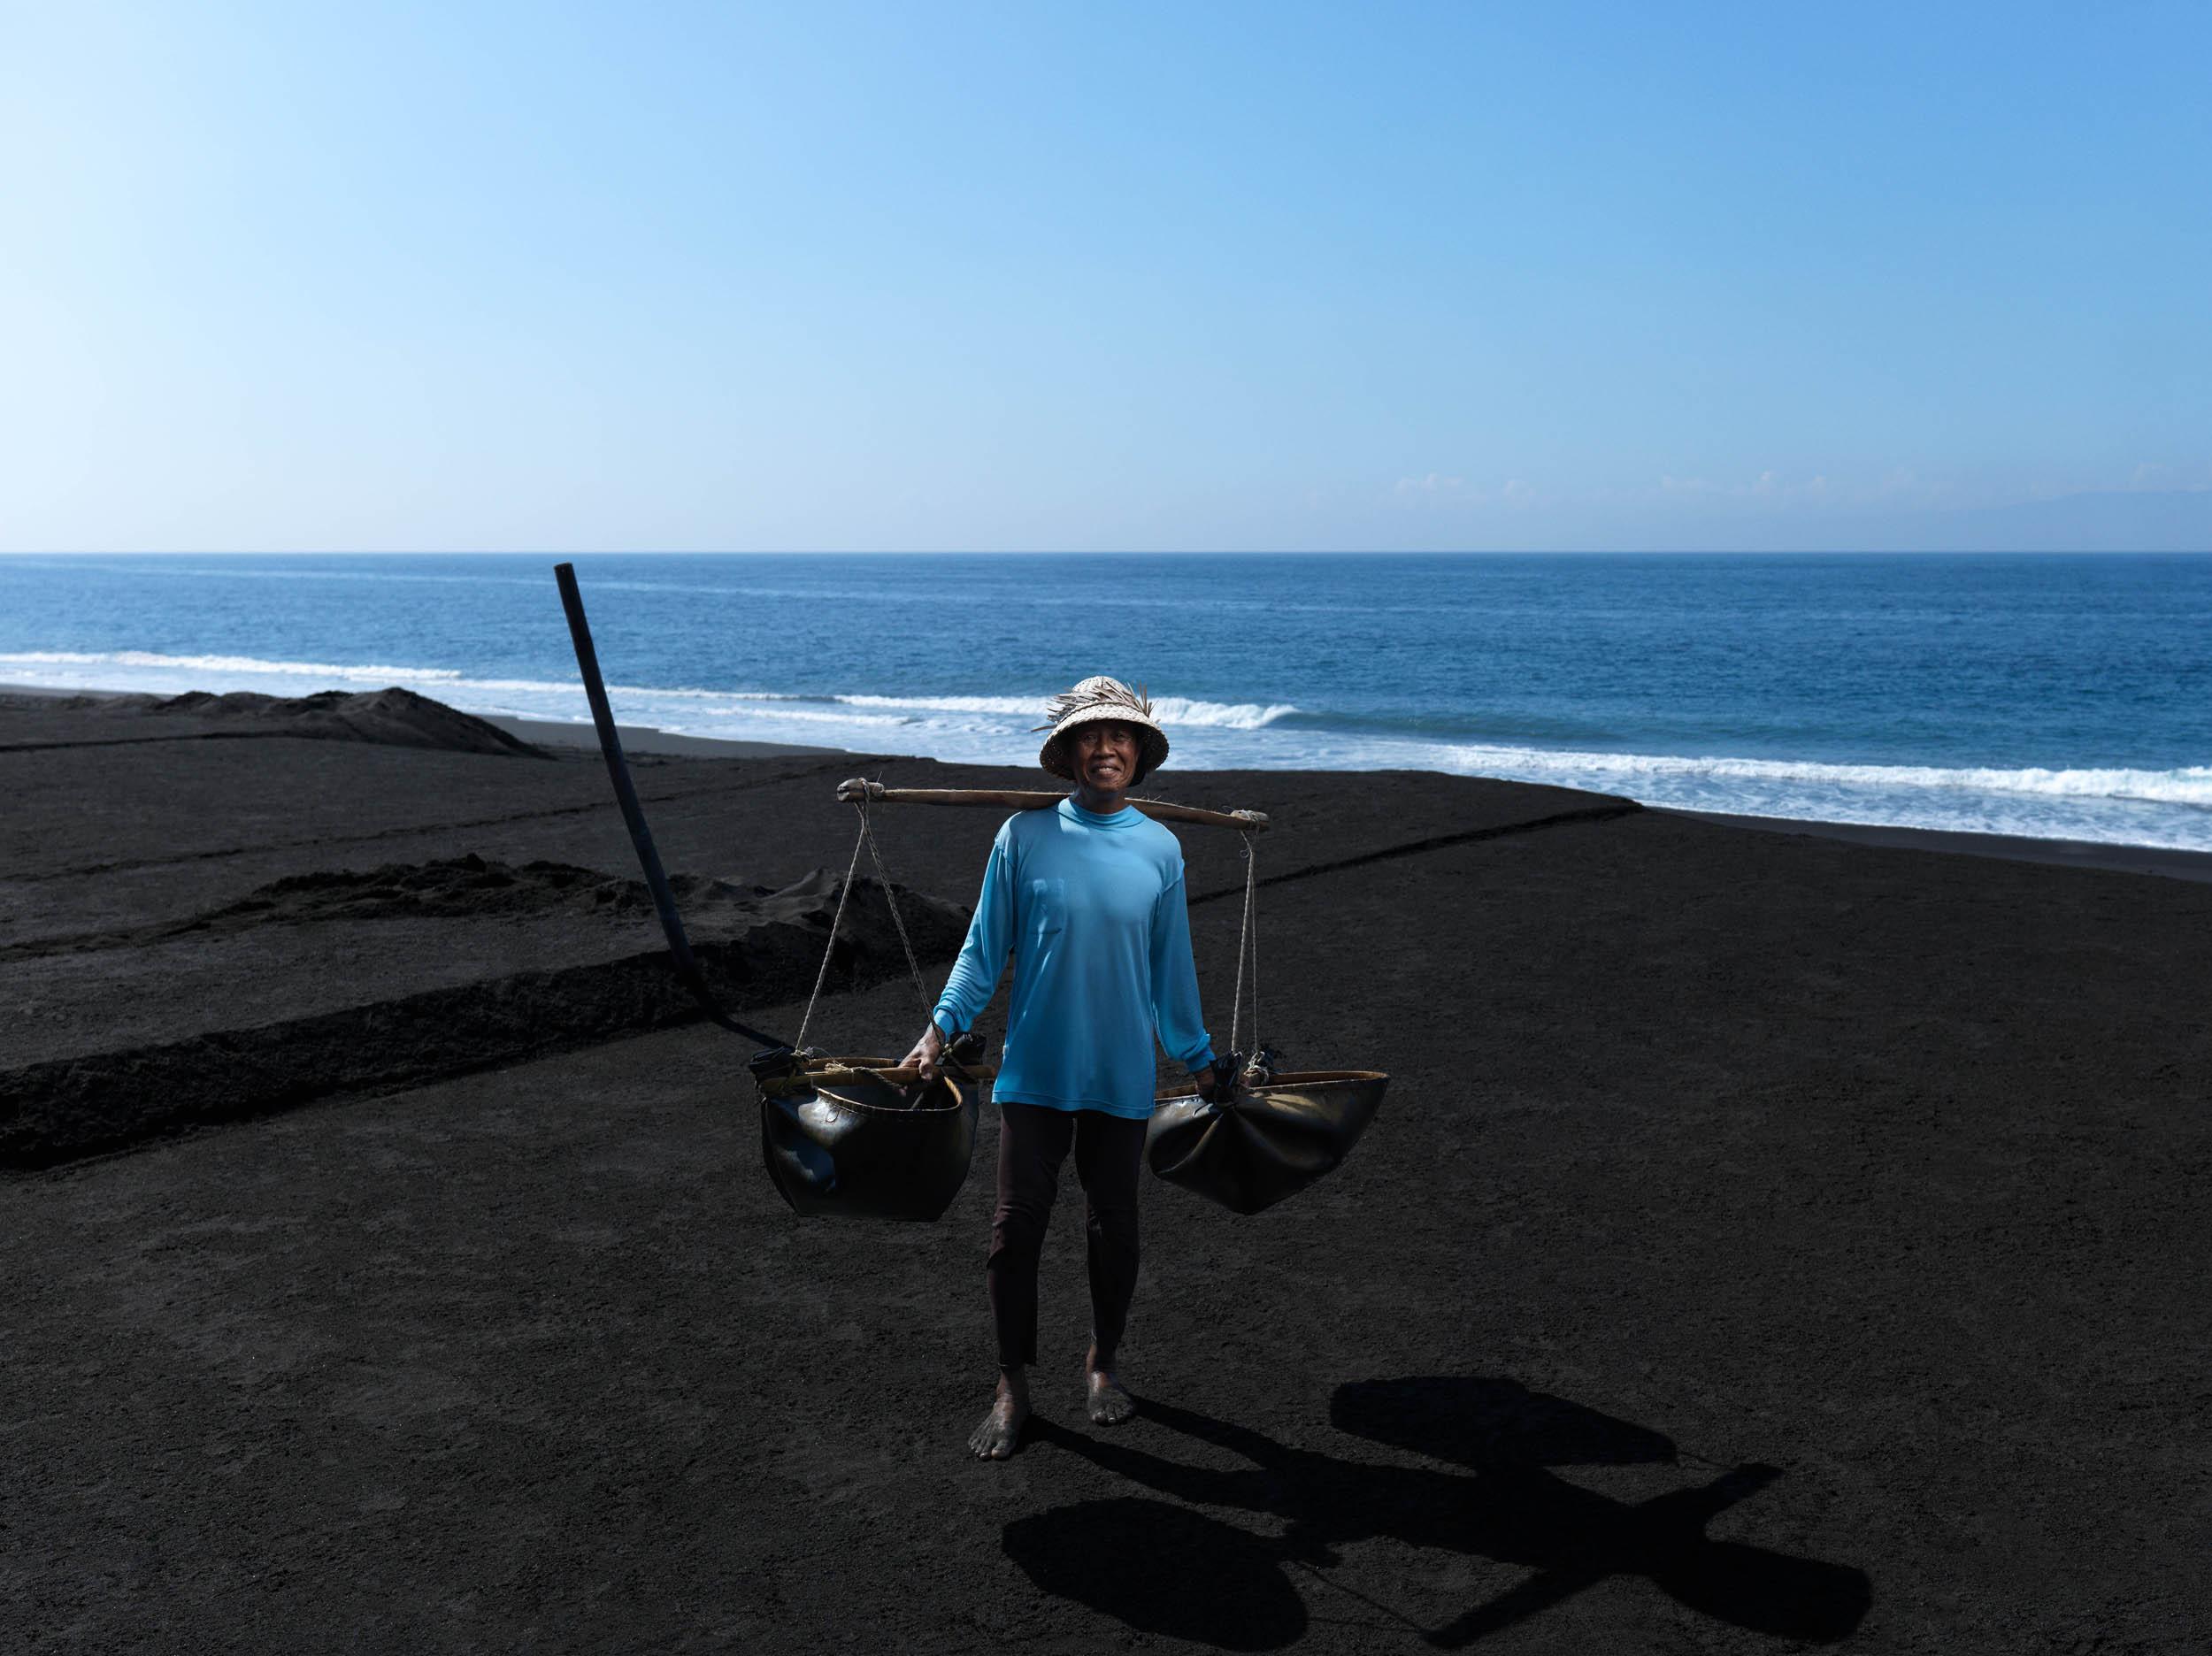 2016 08 28 - Salt Farmer - Kaping_0002.tif.jpg